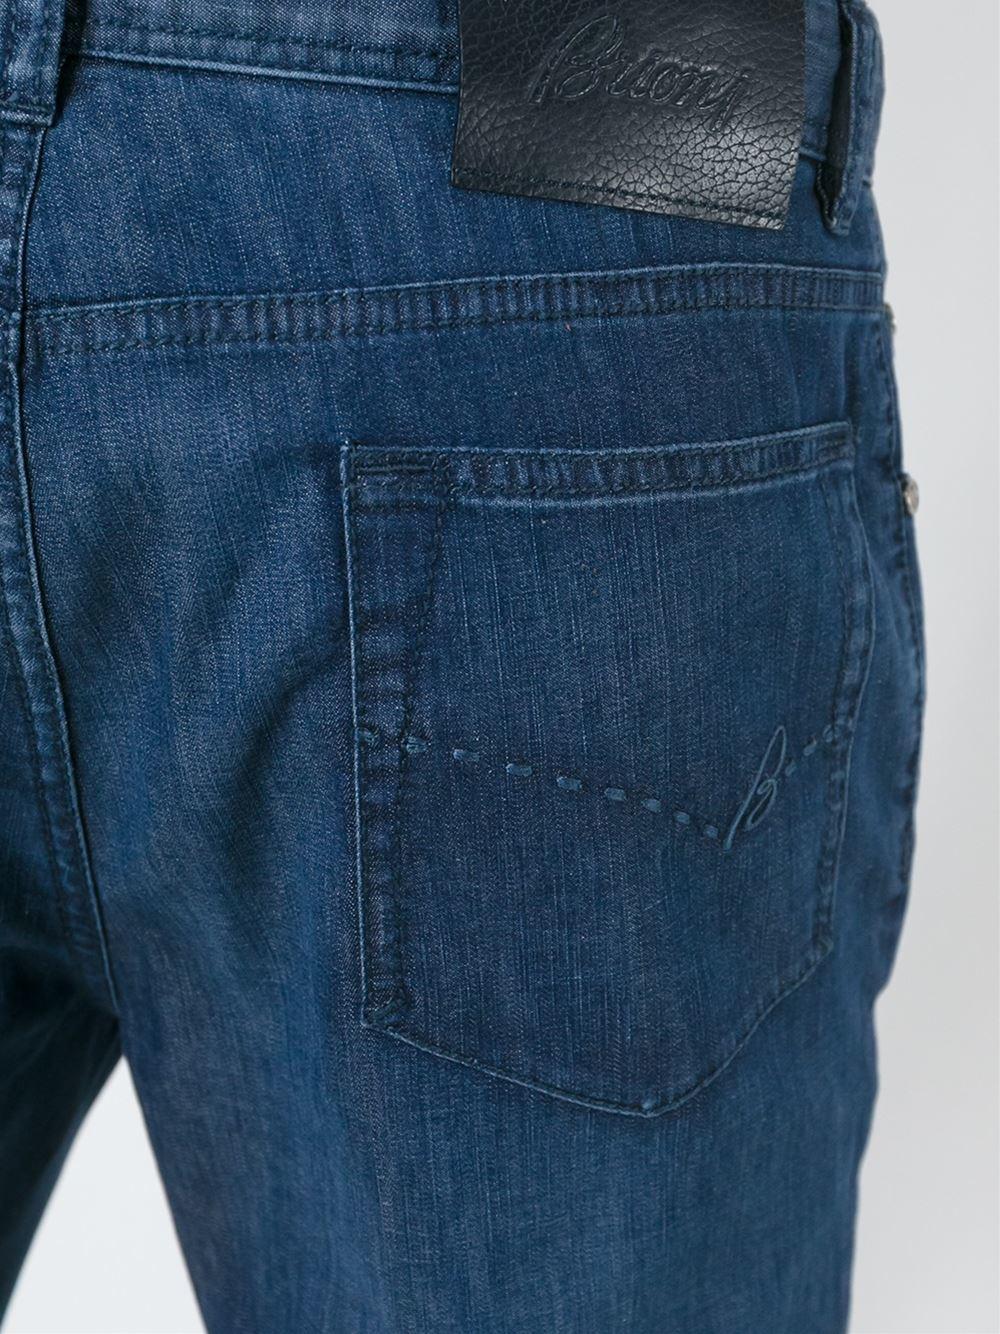 Lyst Brioni Regular Jeans In Blue For Men